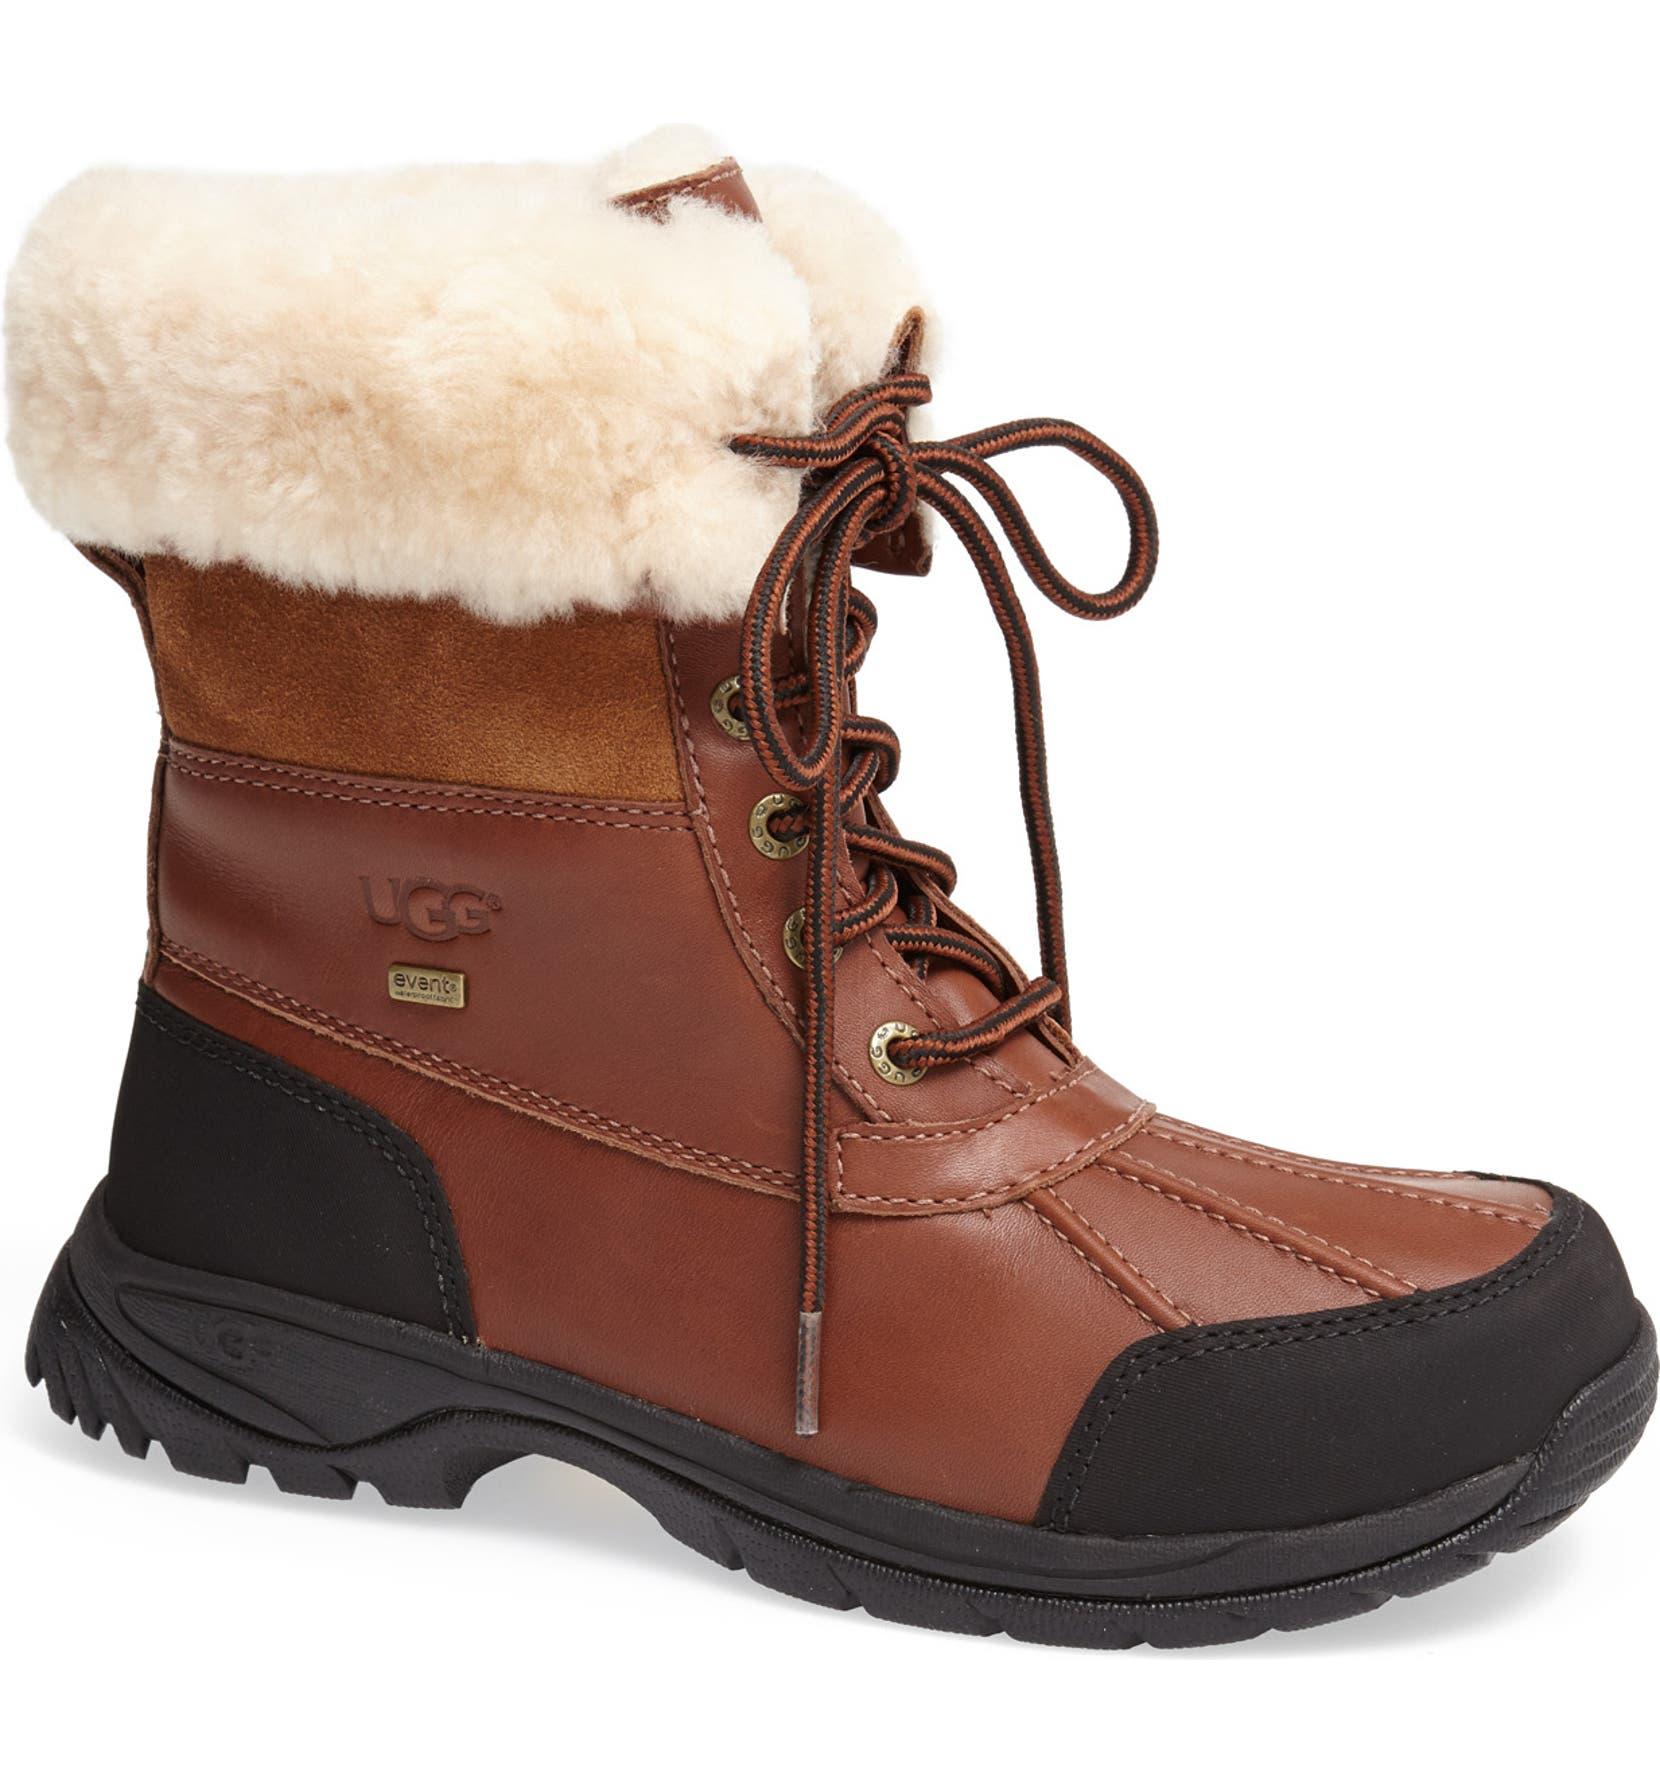 1733acea3d8 Butte Waterproof Boot